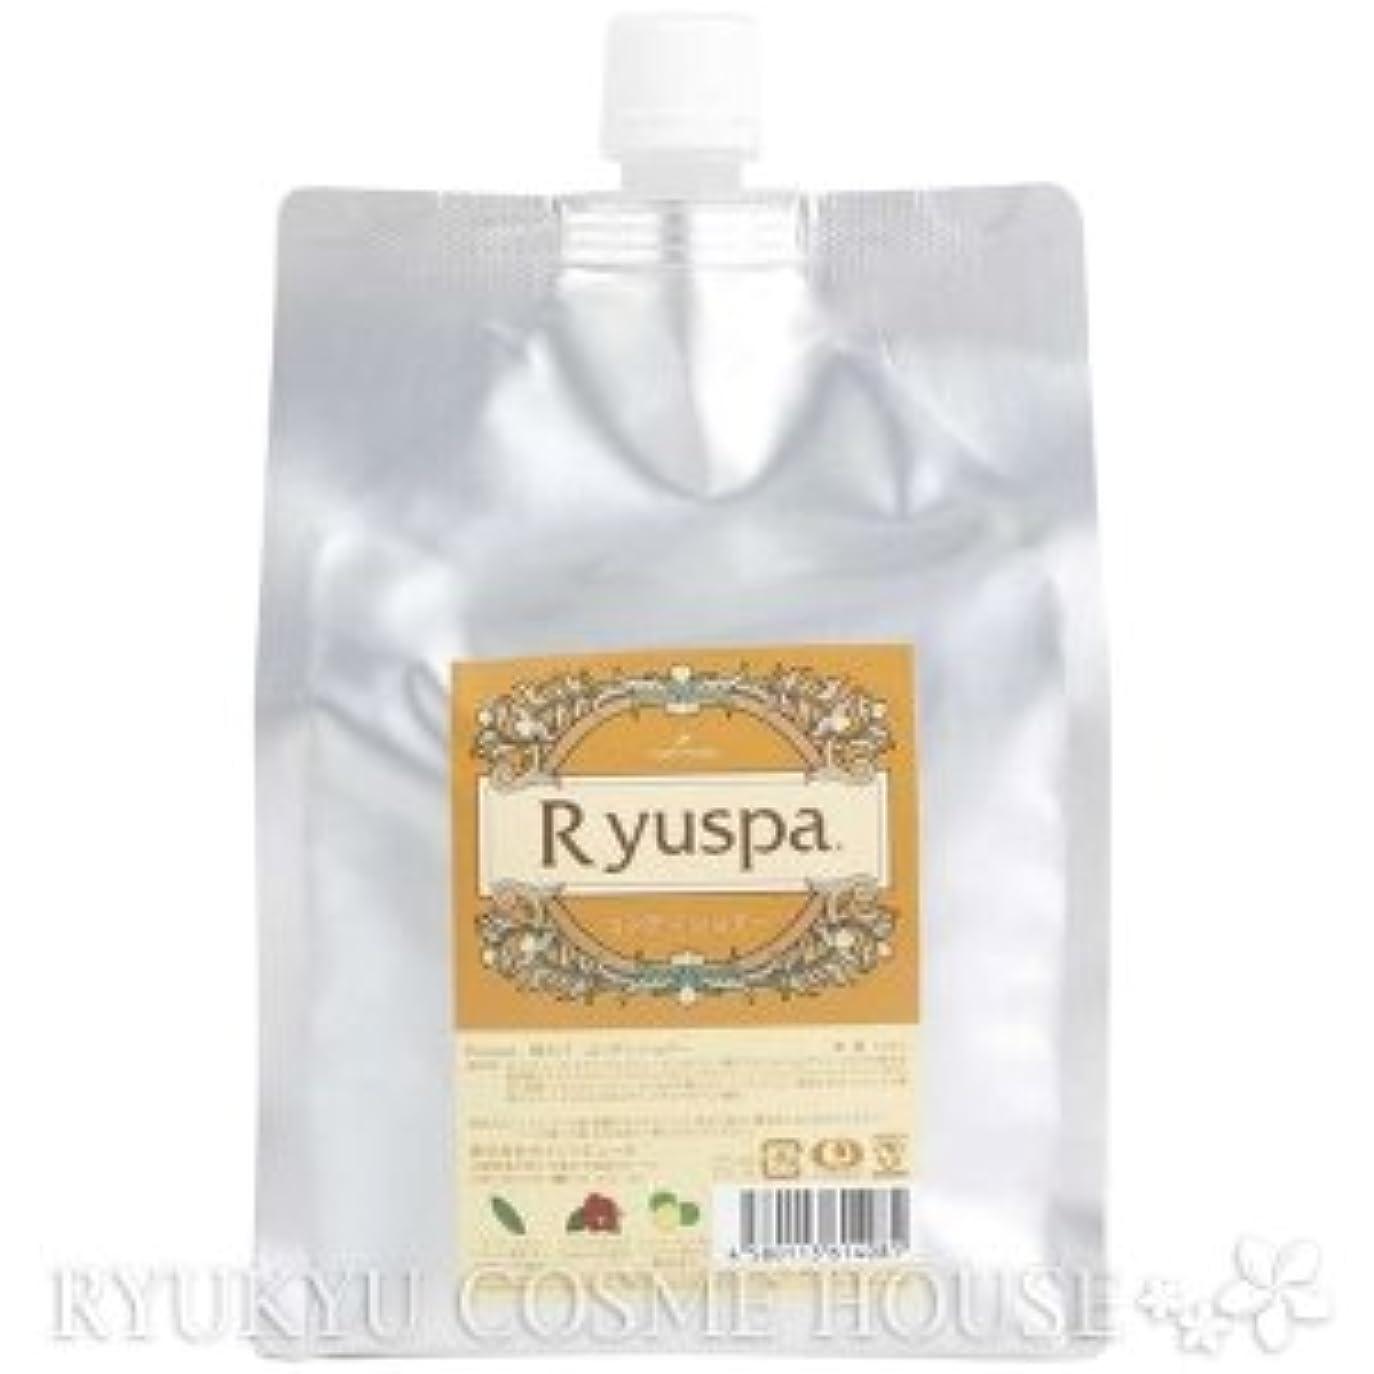 穏やかな実験をする実り多いRyuspa リュウスパ コンディショナー 1000ml